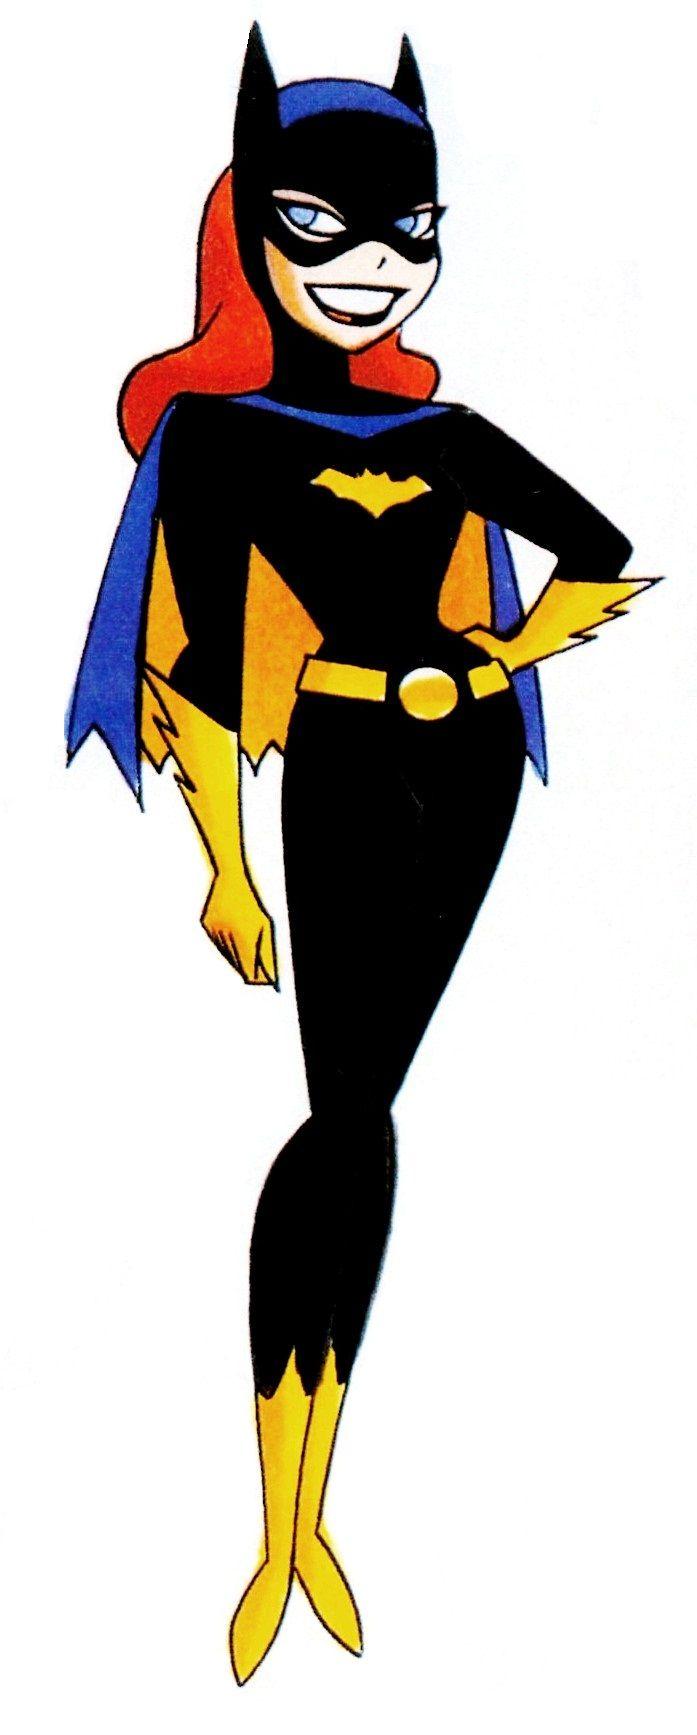 Batgirl clipart new batman adventure The images Batman Batgirl's Batgirl